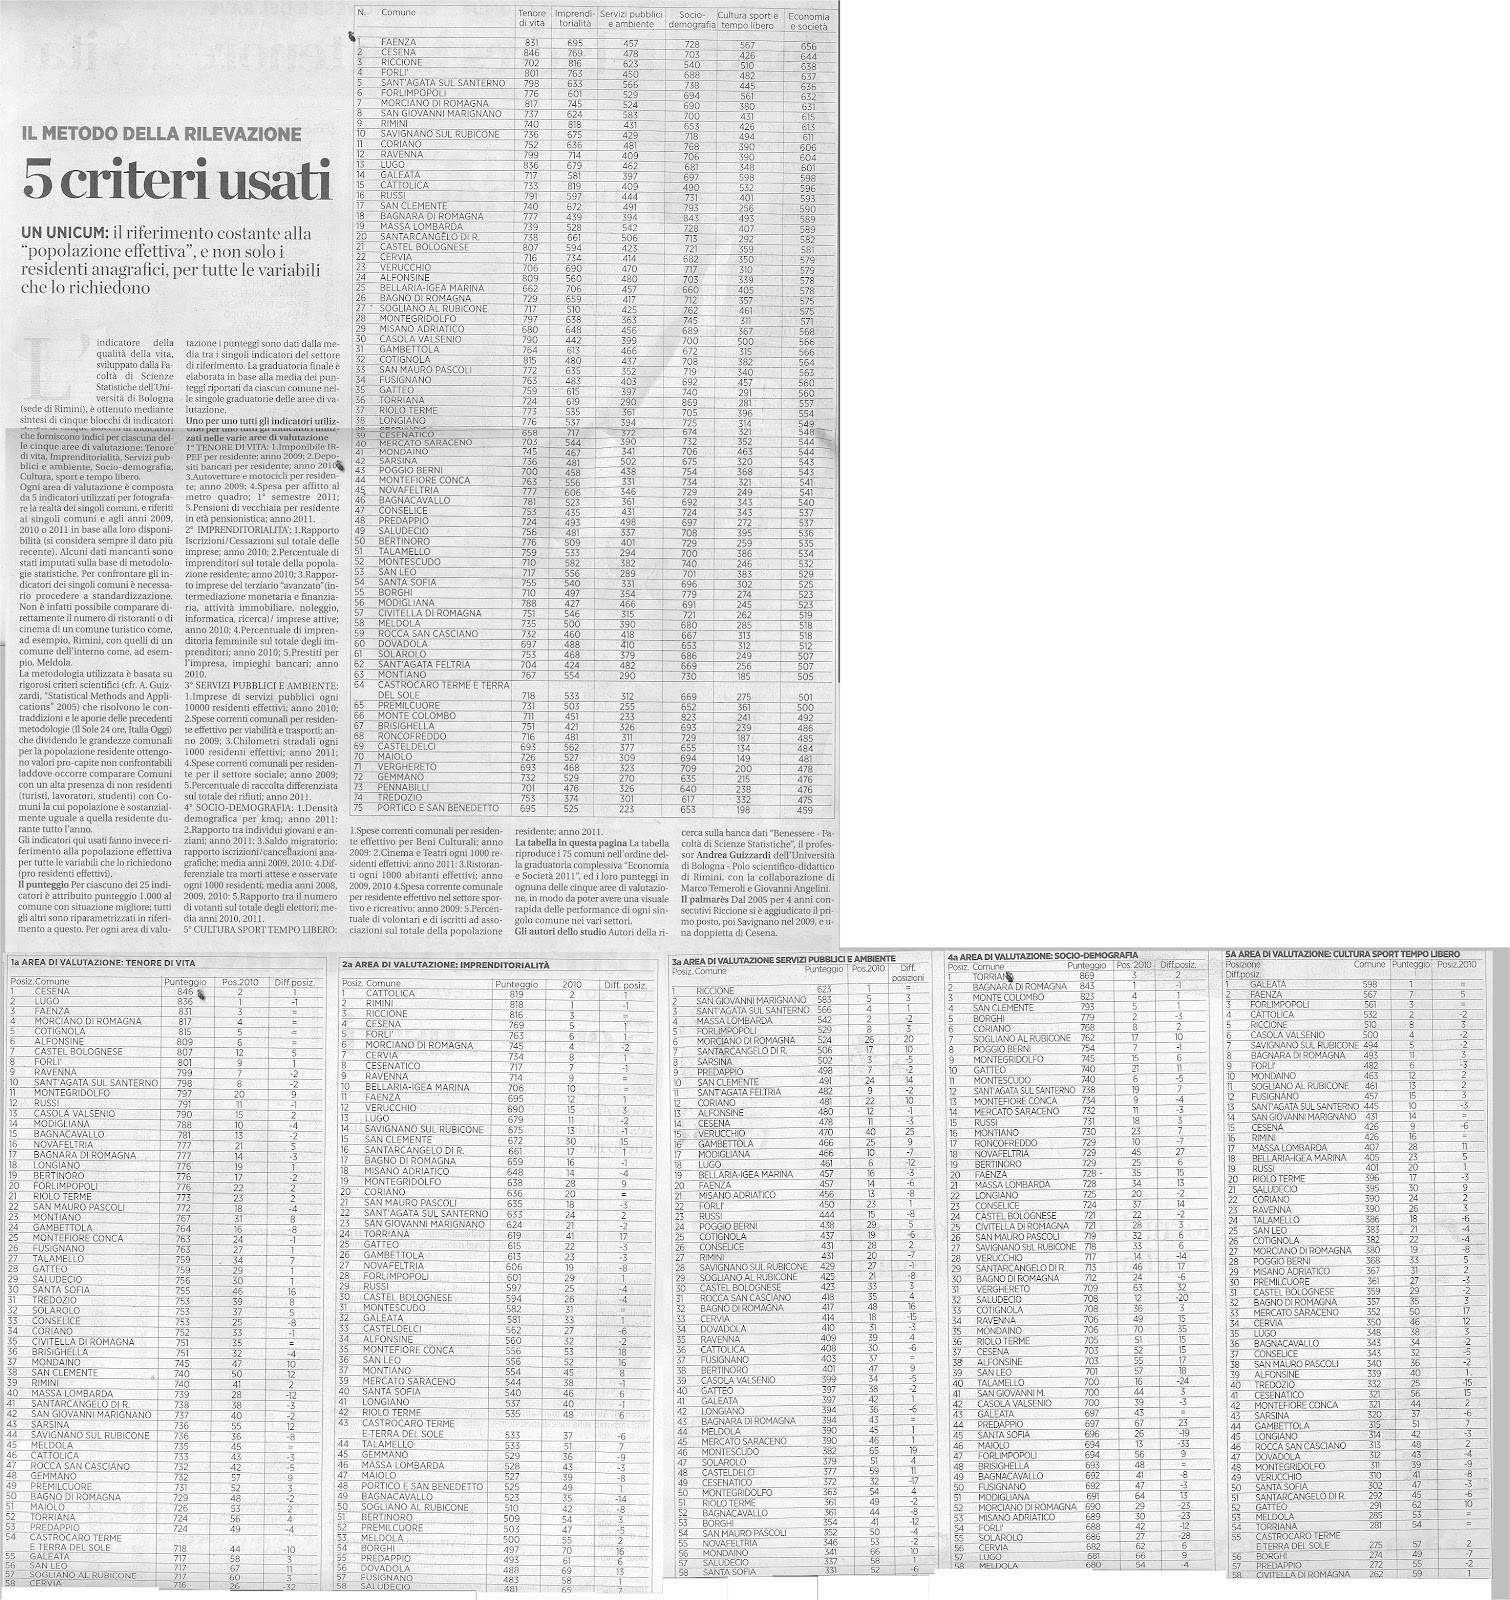 Calendario Olimpiadi 2020 Más Reciente Pdl Faenza Febbraio 2012 Of Calendario Olimpiadi 2020 Mejores Y Más Novedosos Imaginary Reportages Of 21 asian Cities by Angelica Giordano